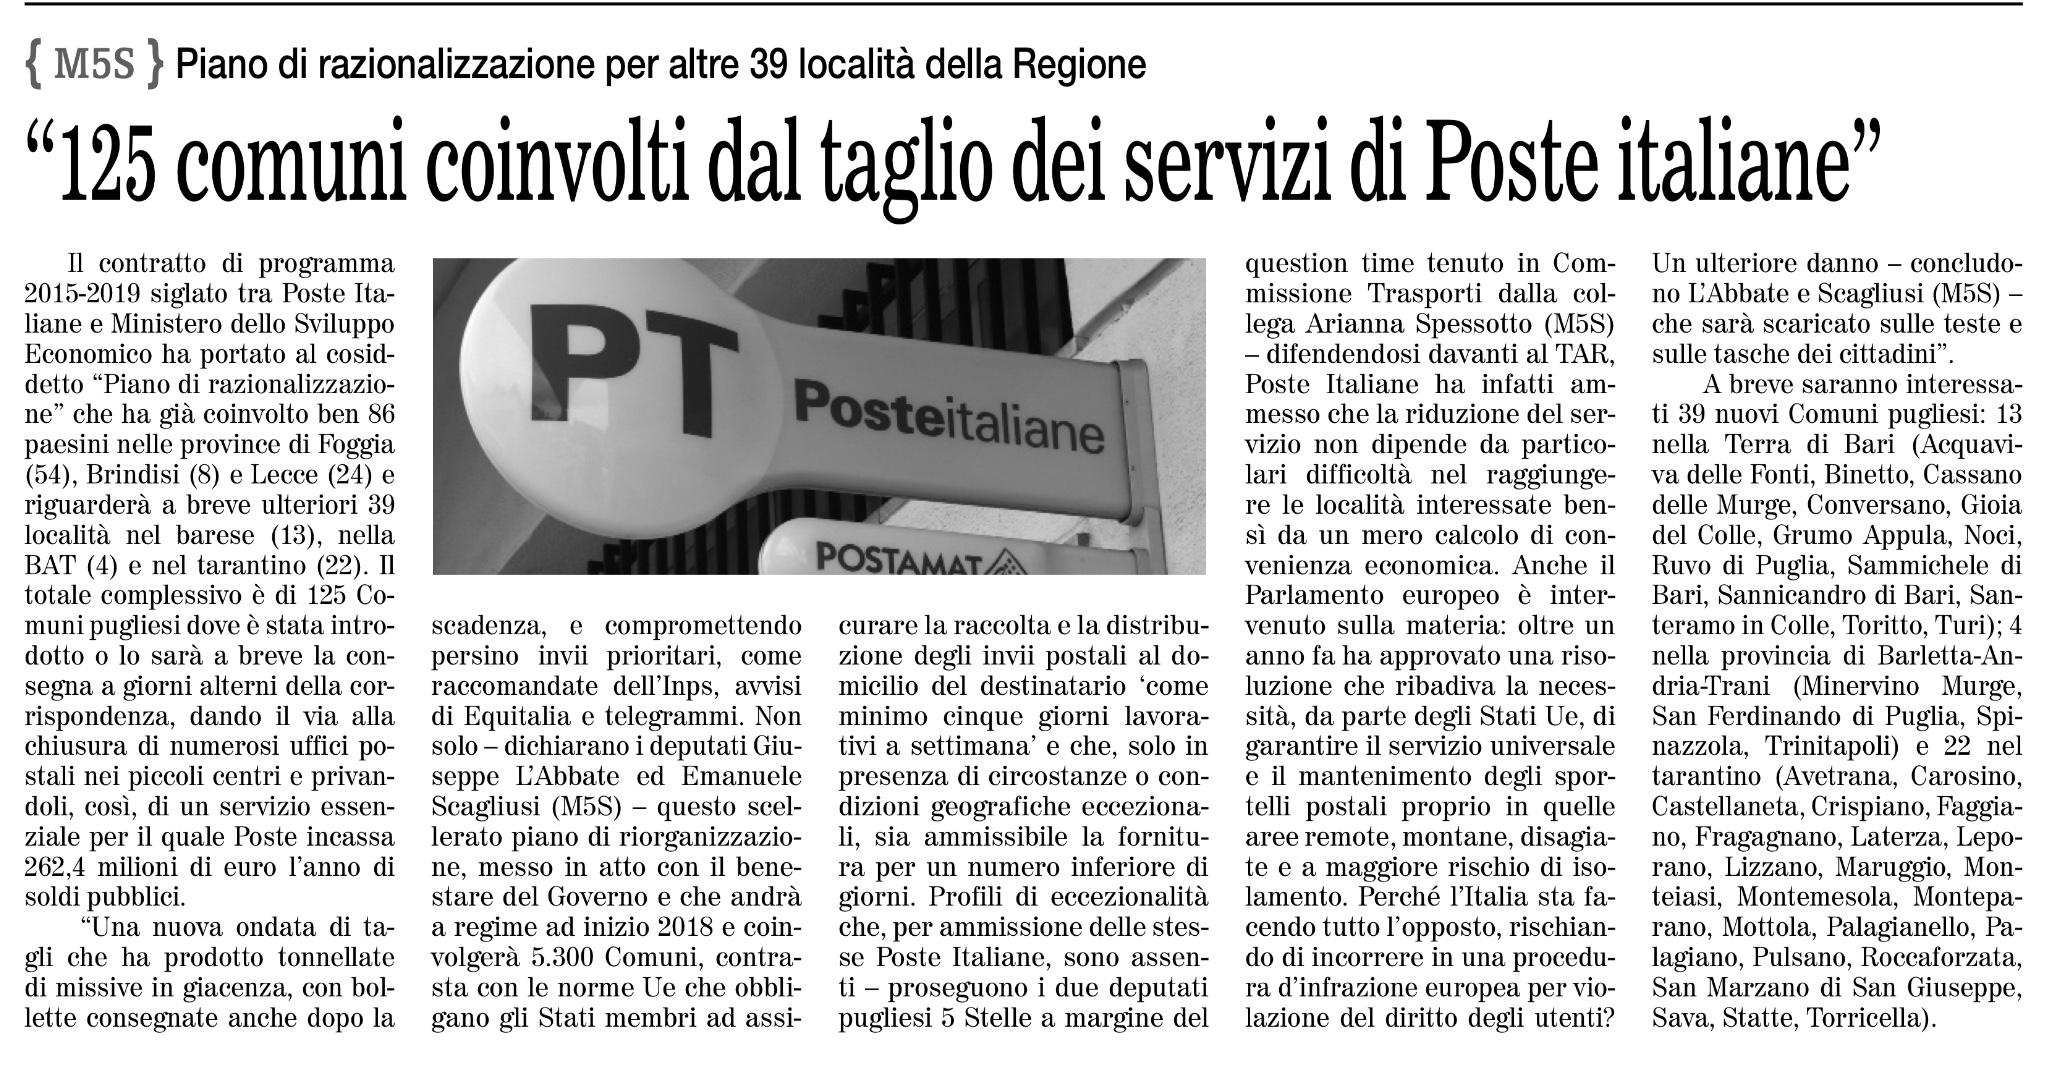 Il Quotidiano di Bari - 29.10.2017